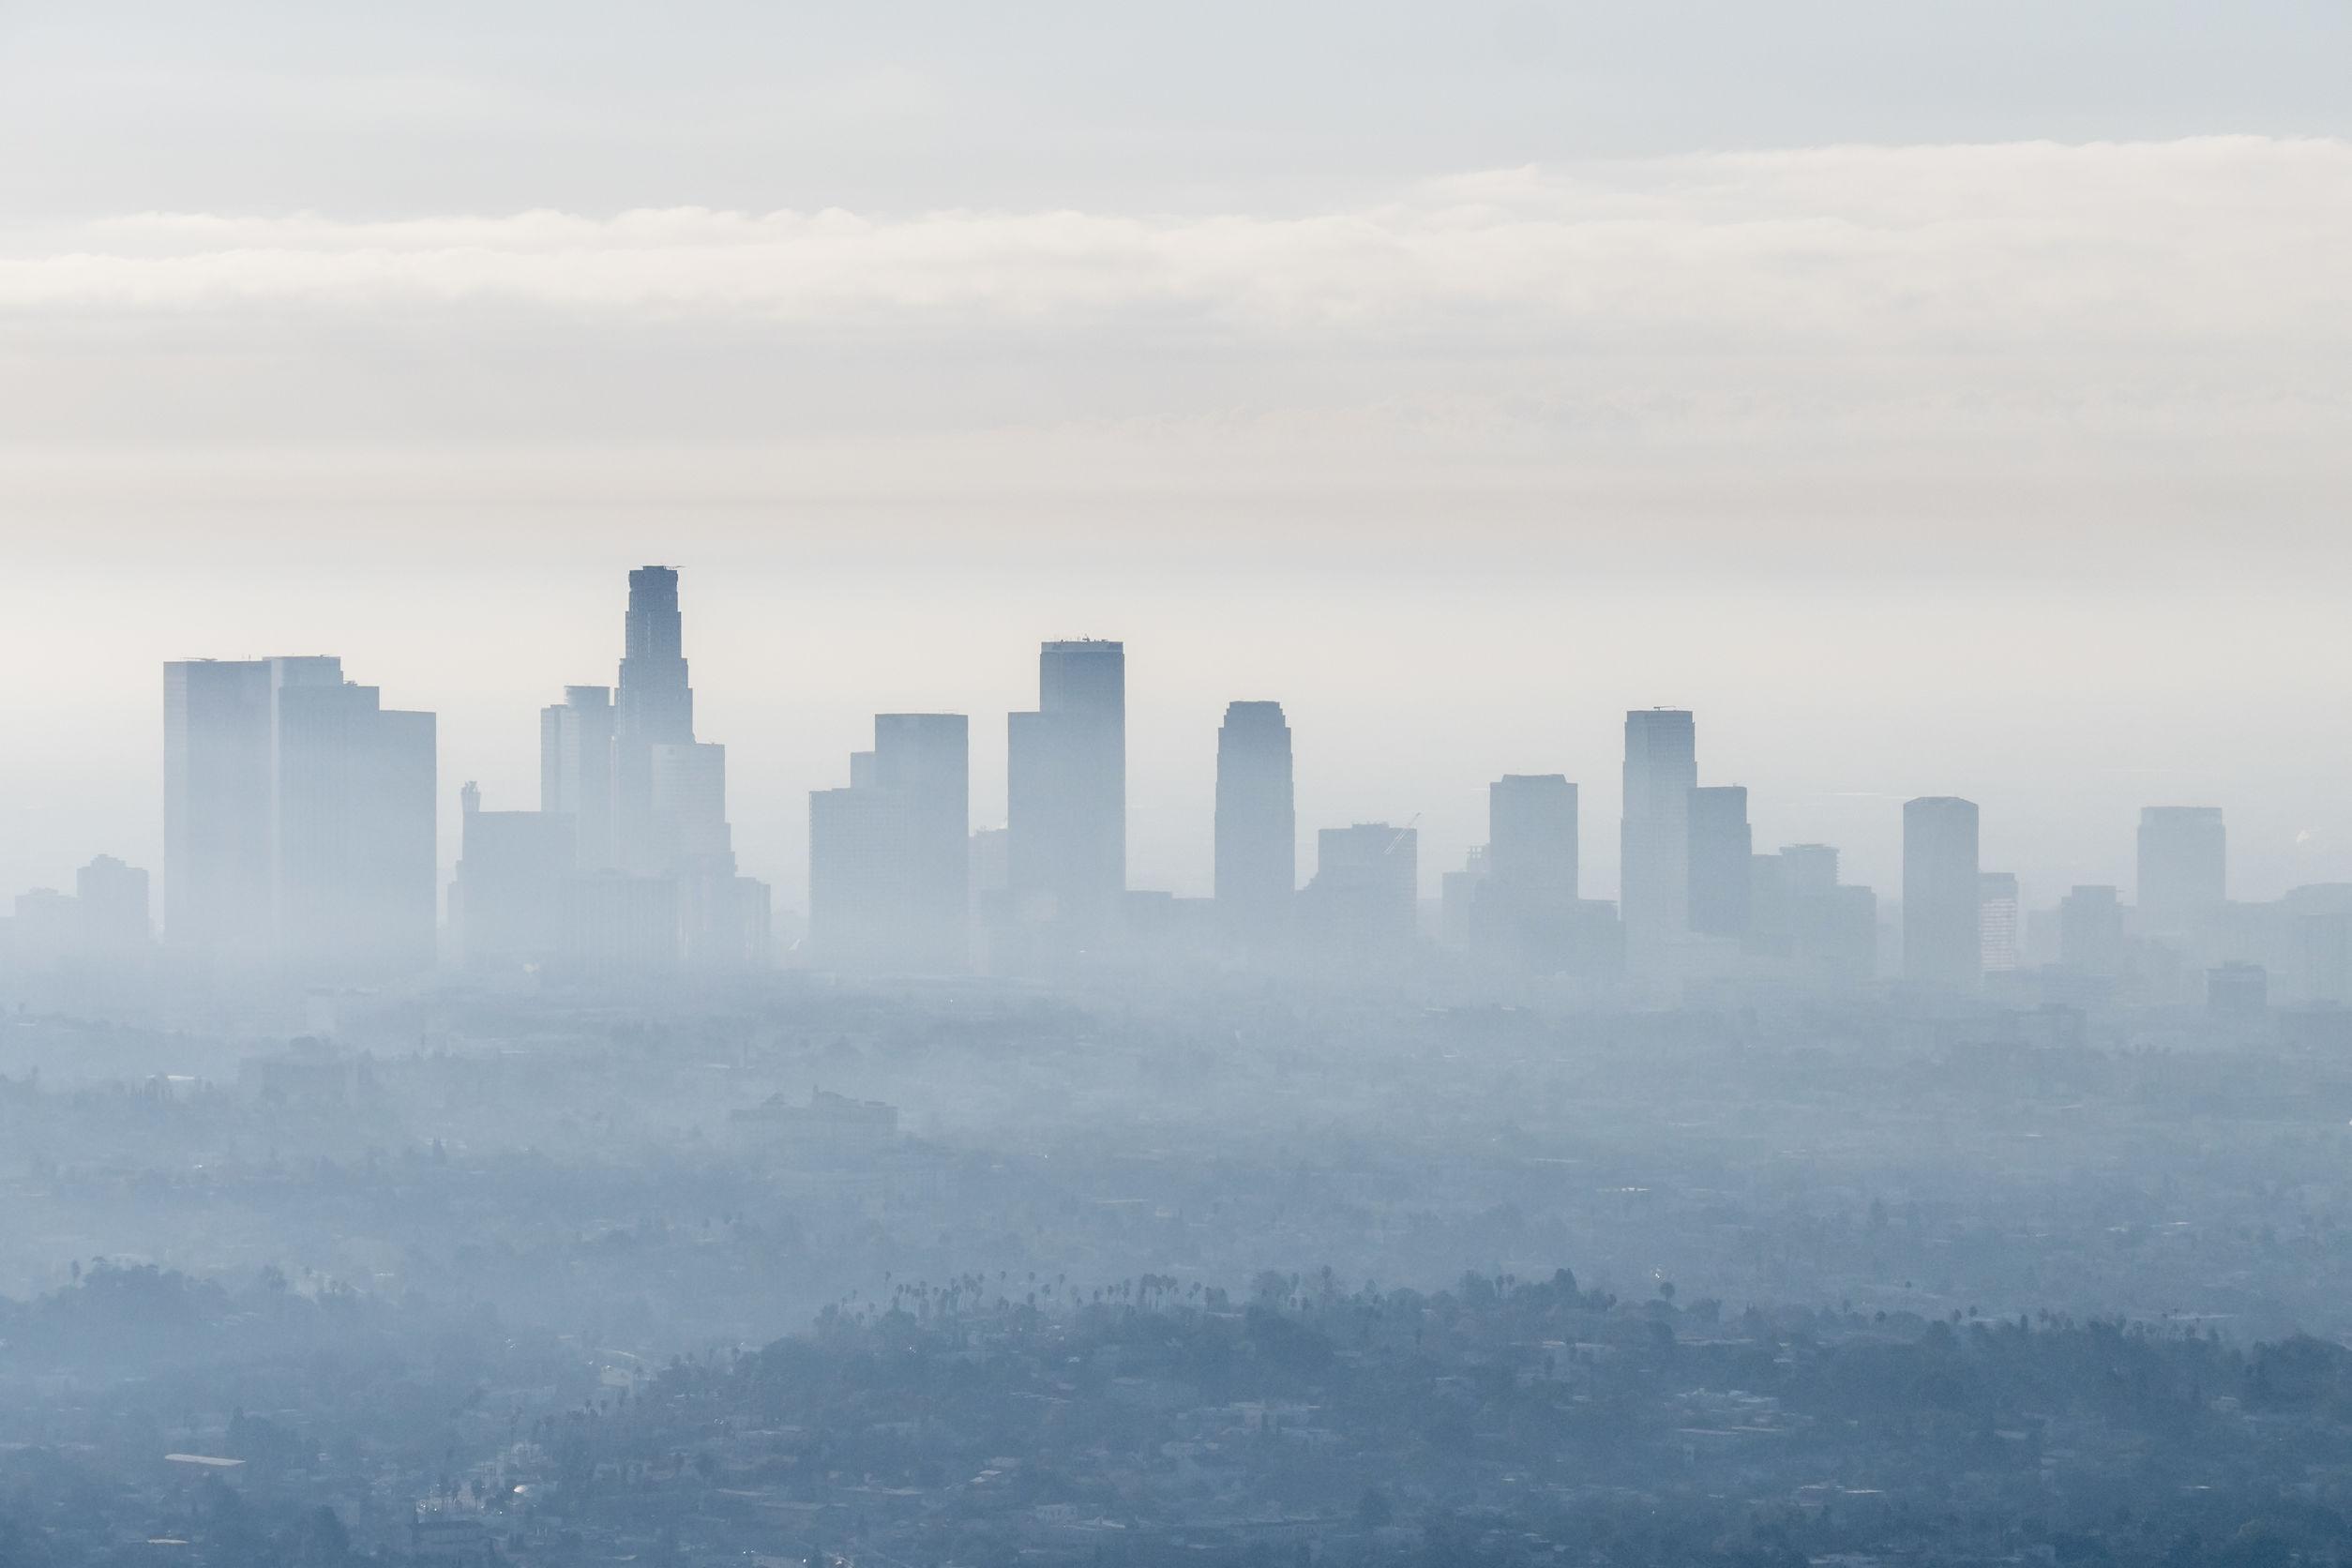 El modelo de emisiones